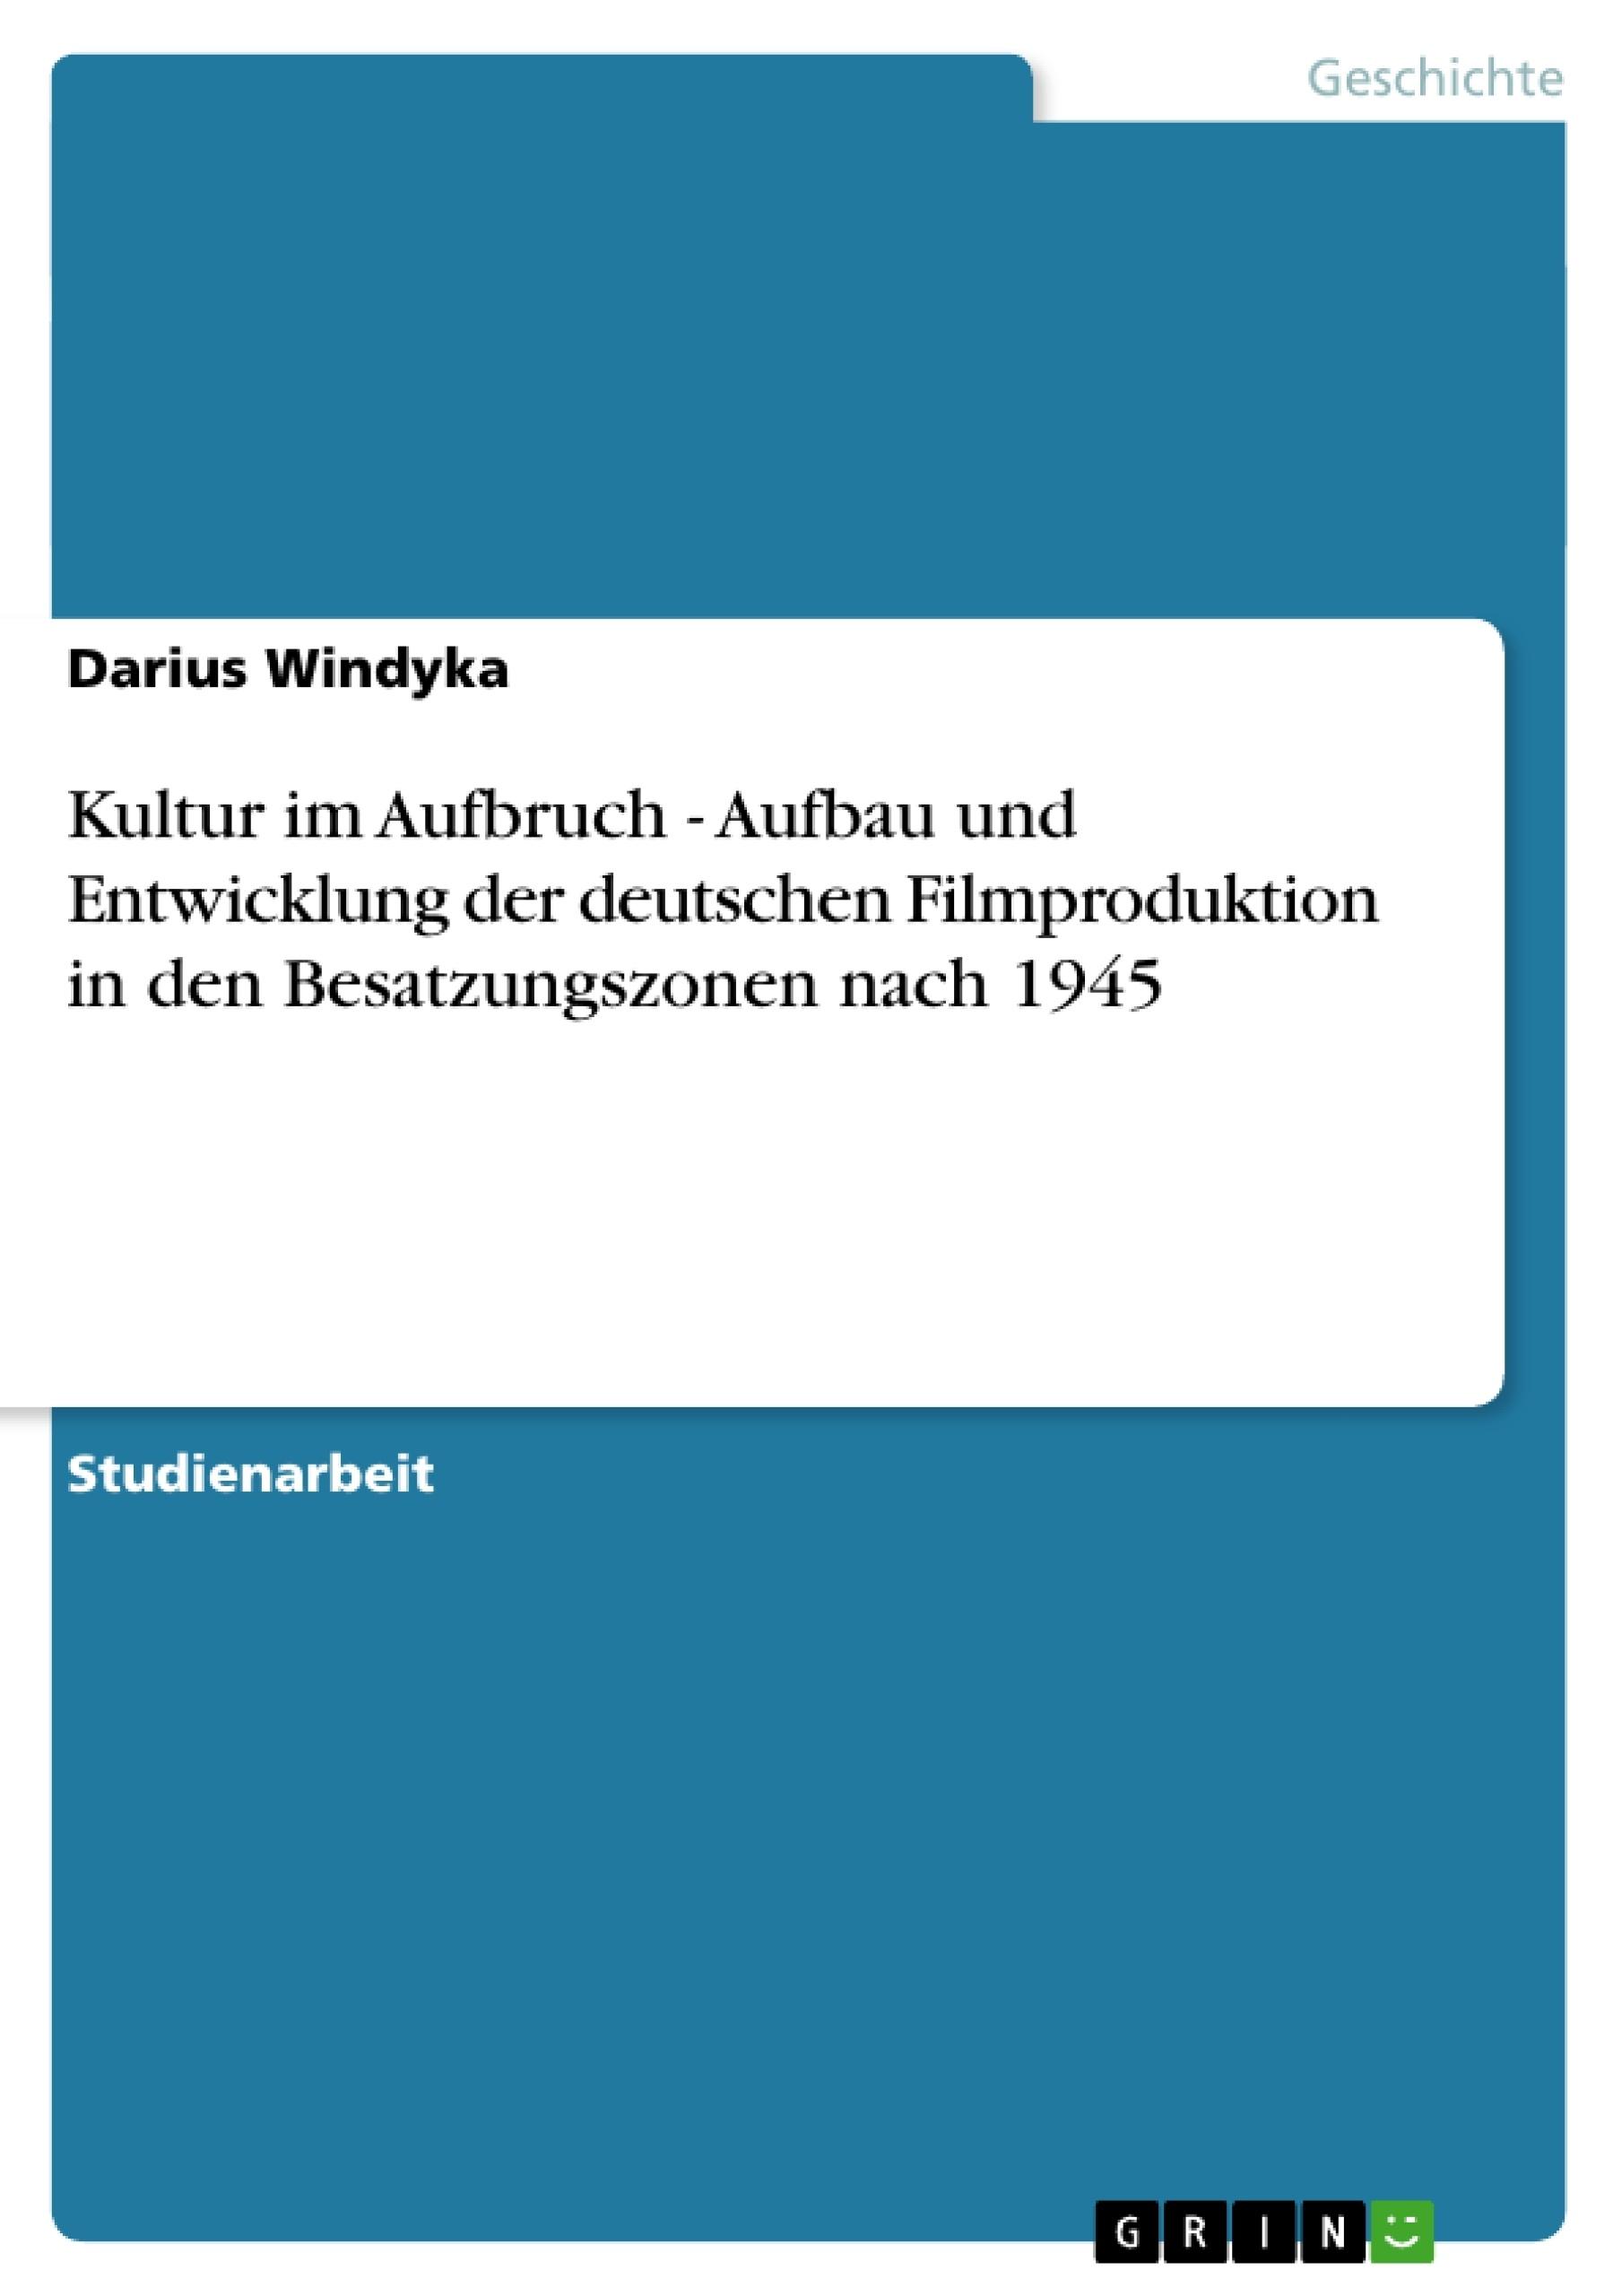 Titel: Kultur im Aufbruch - Aufbau und Entwicklung der deutschen Filmproduktion in den Besatzungszonen nach 1945